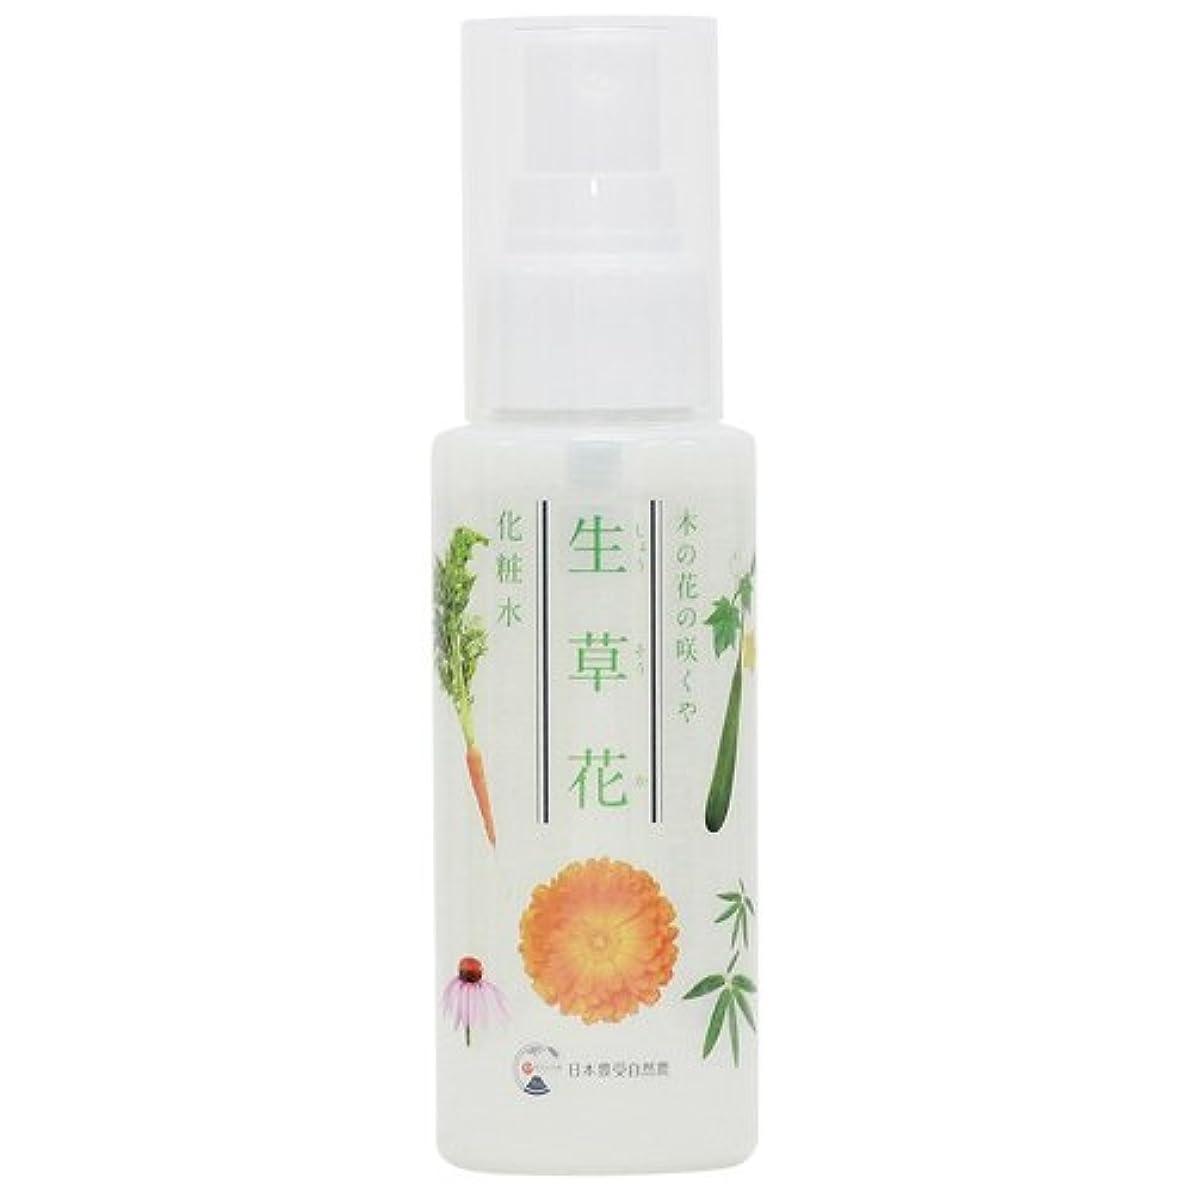 ストラトフォードオンエイボンサーバ花嫁日本豊受自然農 木の花の咲くや 生草花 化粧水 80ml